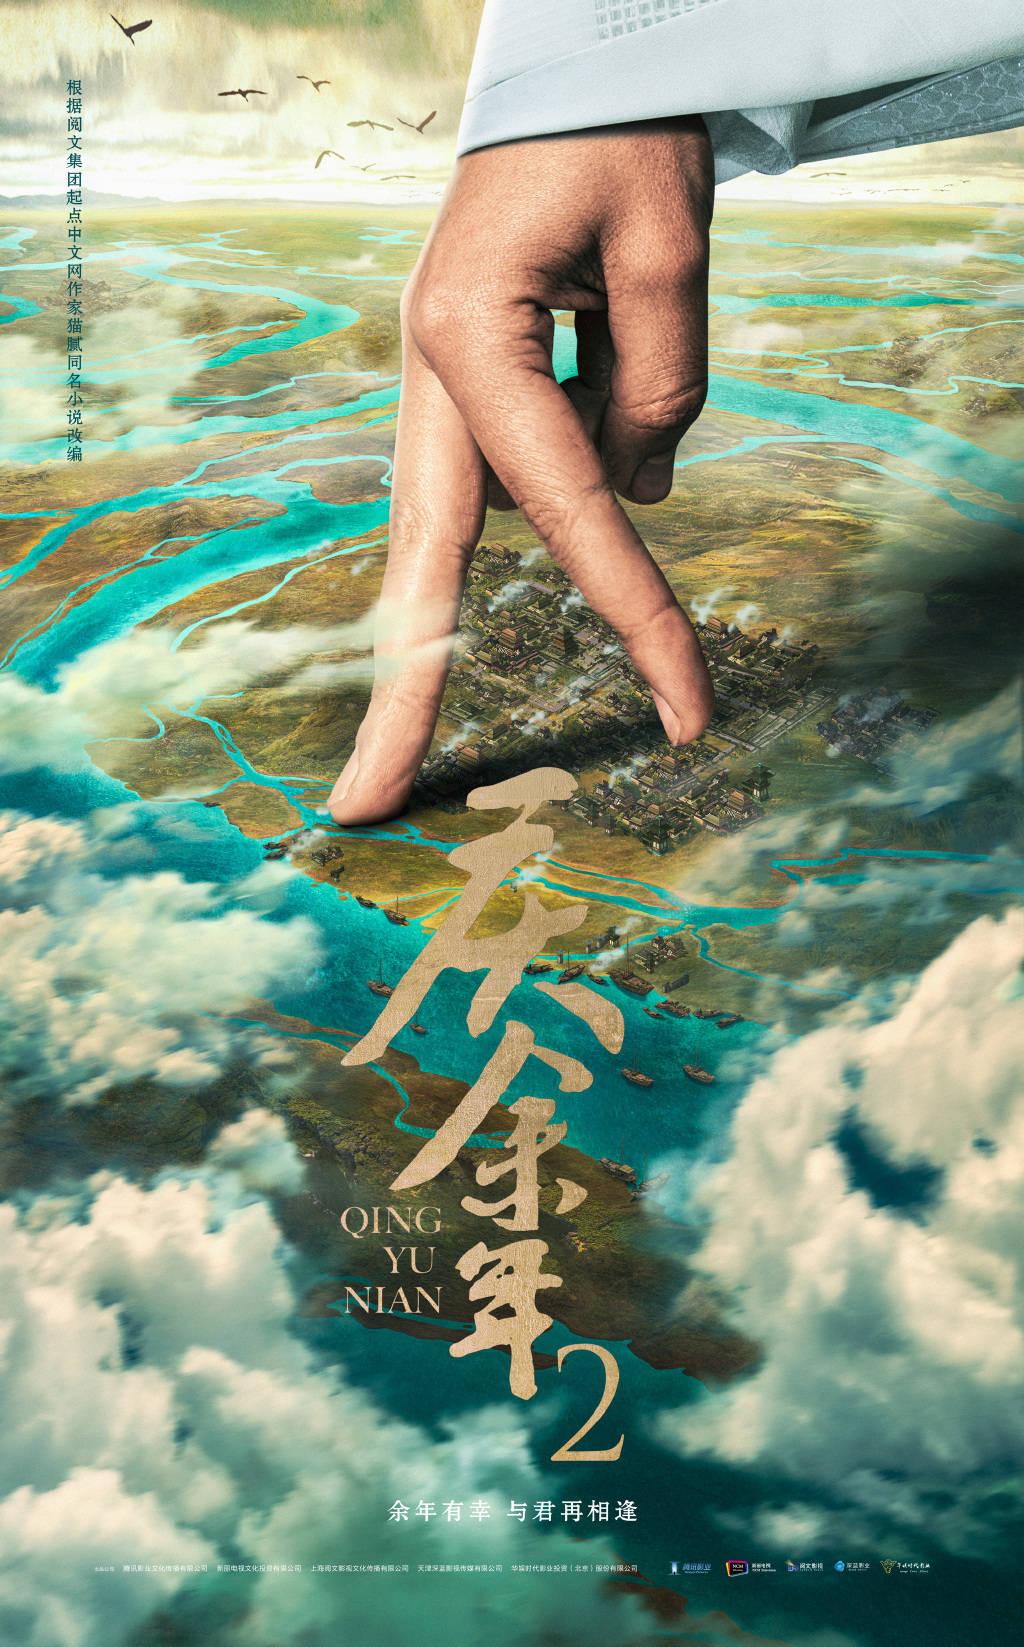 《庆余年》第二季正式启动,张若昀宋轶等主演将回归